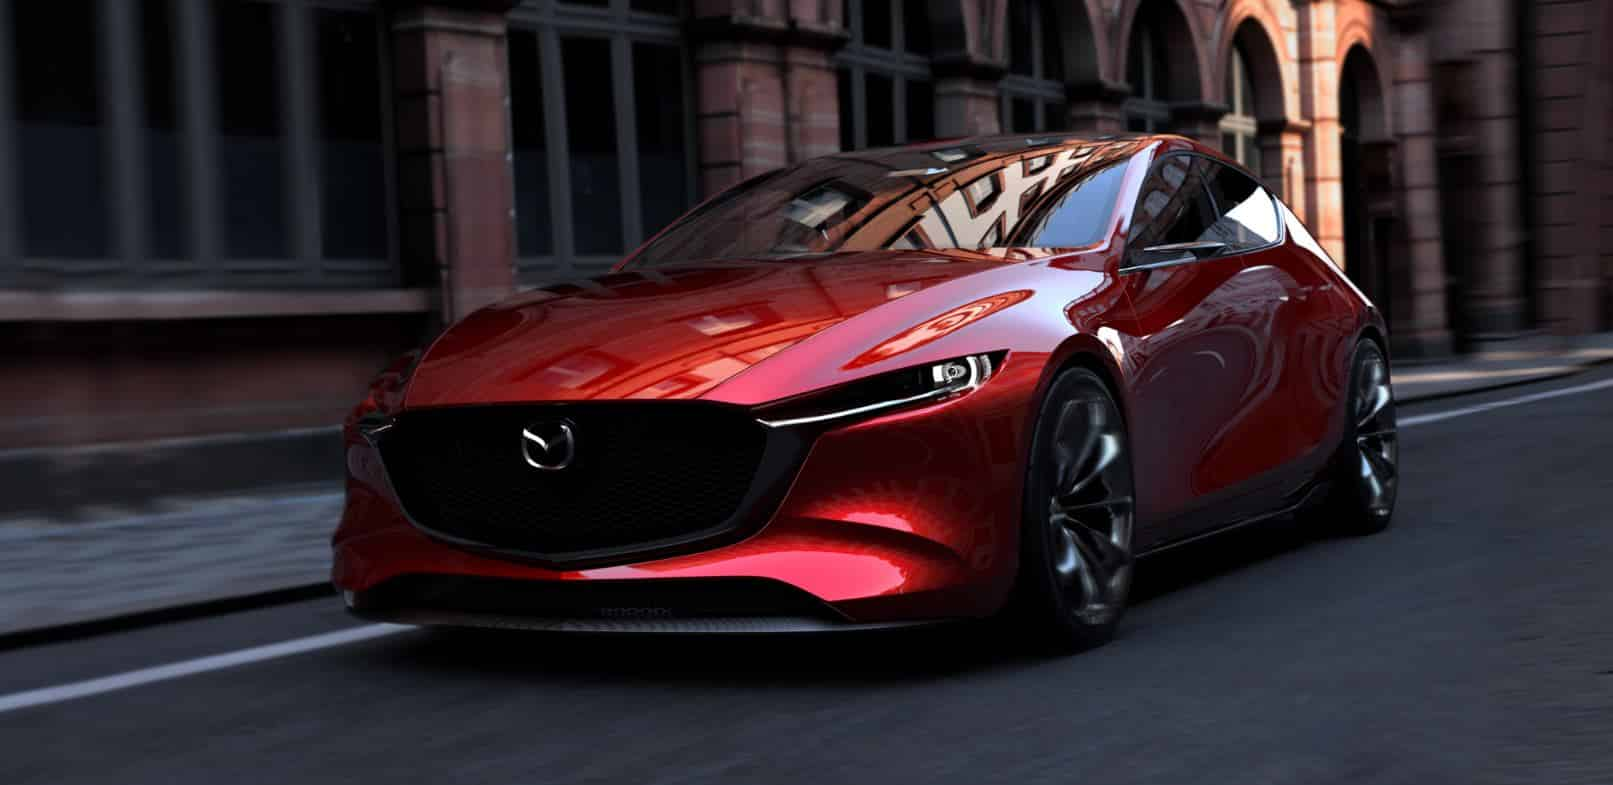 Se llama KAI CONCEPT y es el anticipo del próximo Mazda3: ¿No es espectacular?